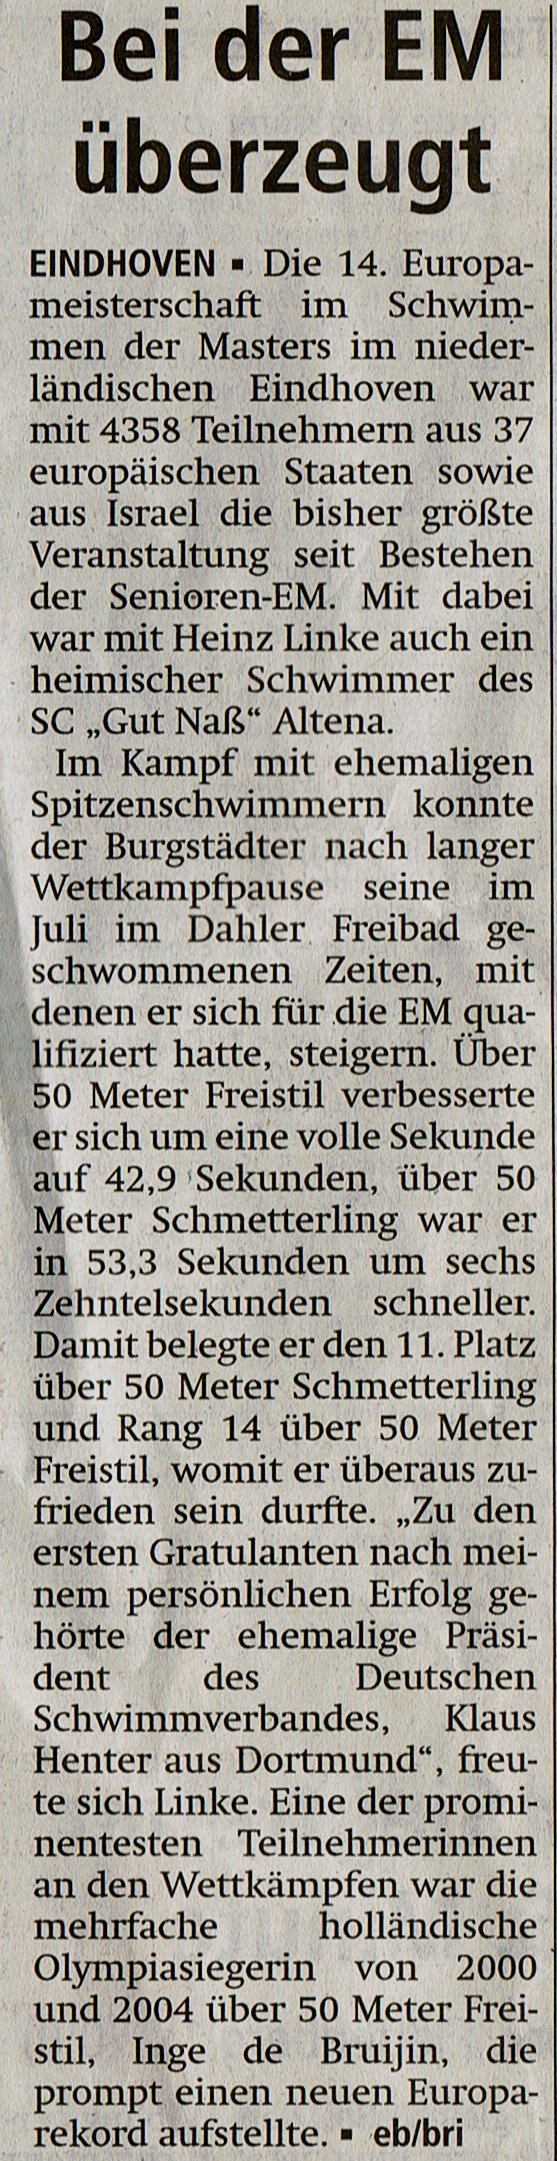 Altenaer Kreisblatt 10.09.2013